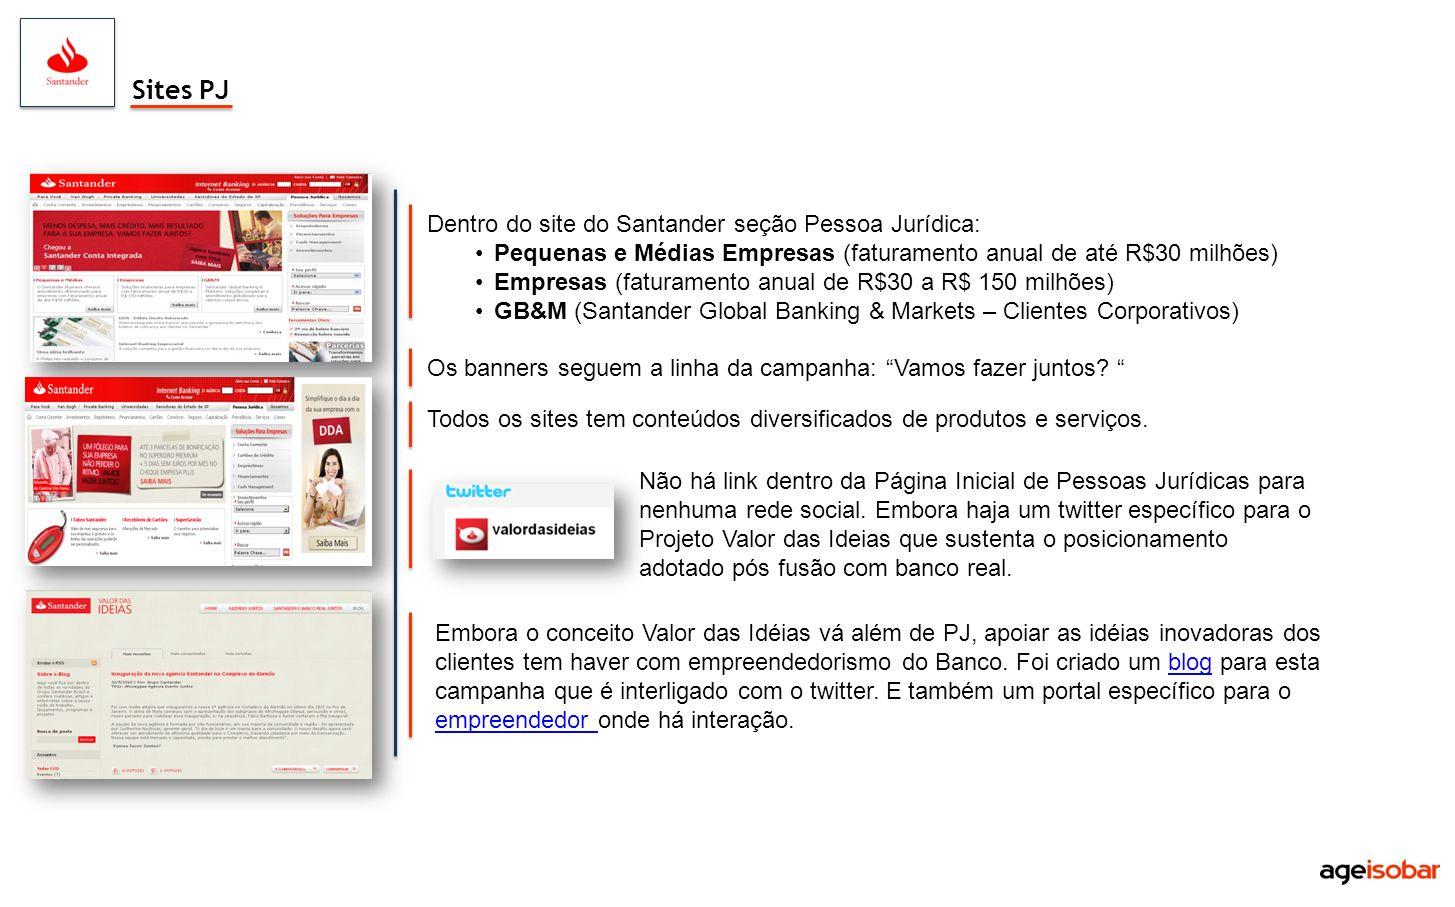 Dentro do site do Santander seção Pessoa Jurídica: Pequenas e Médias Empresas (faturamento anual de até R$30 milhões) Empresas (faturamento anual de R